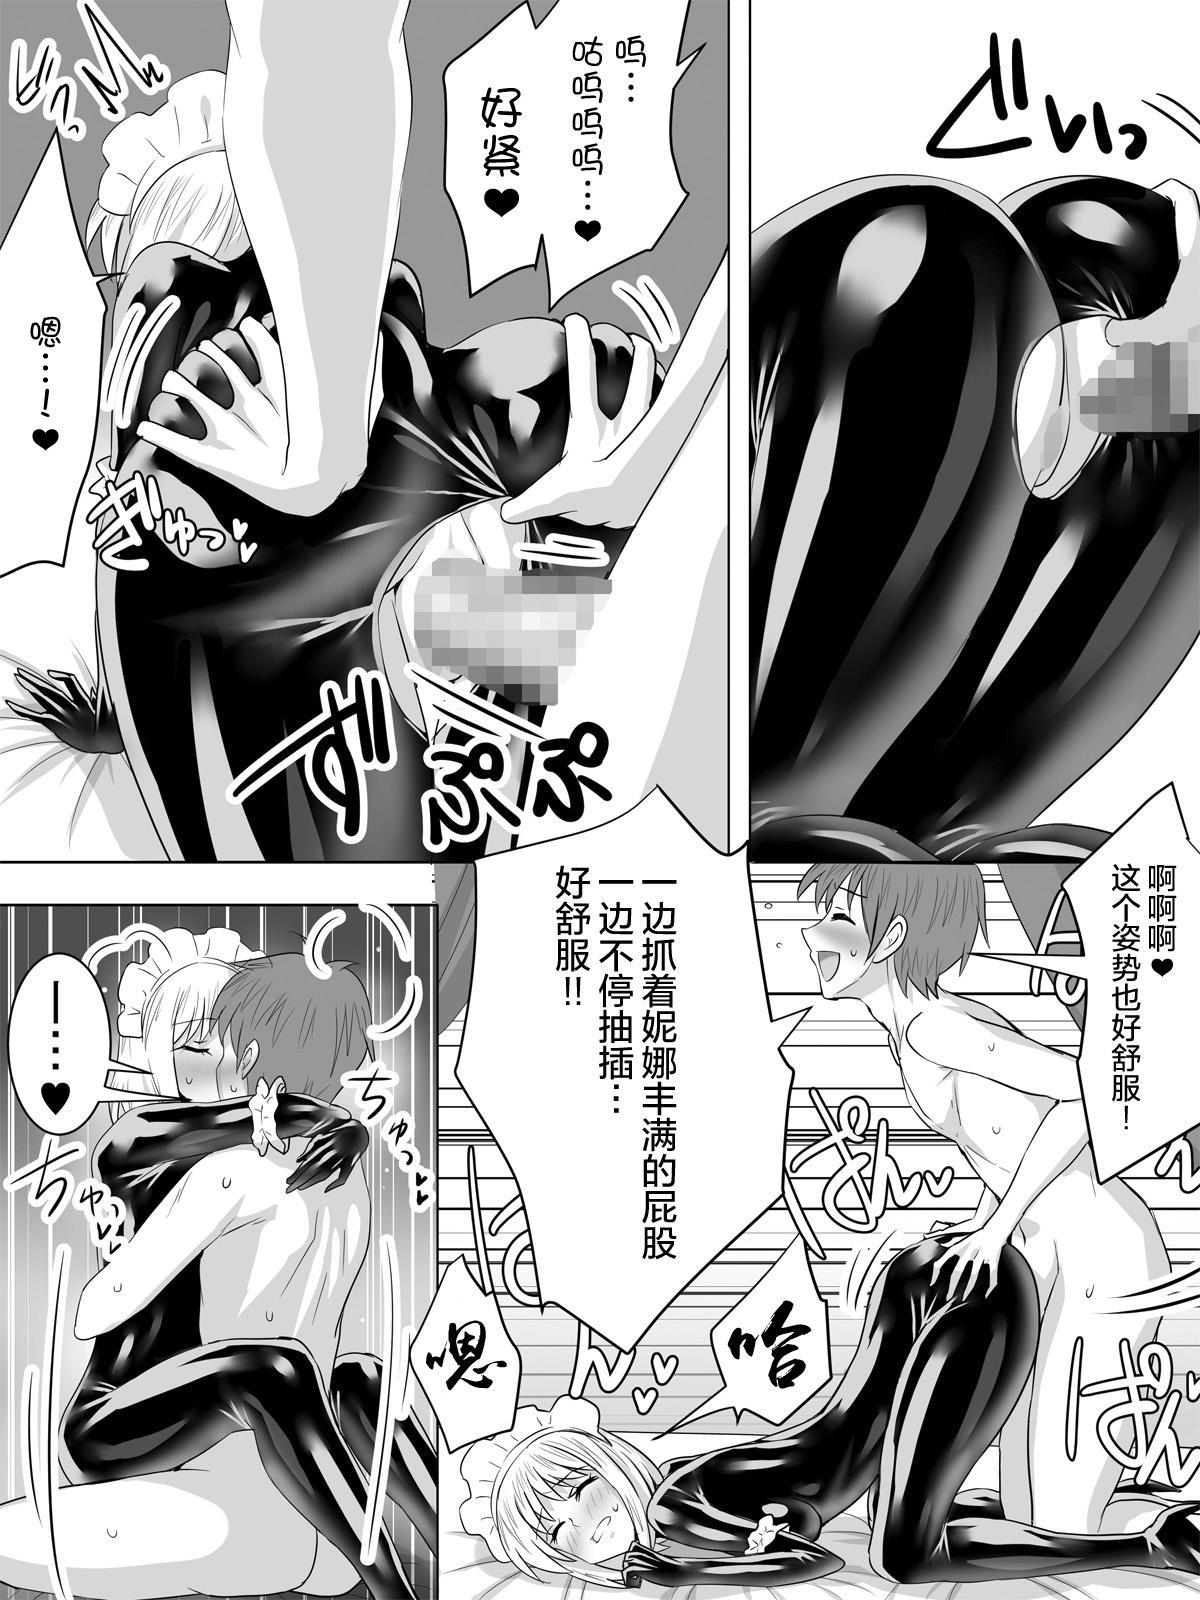 Picchiri Suit Maid to Doutei Kizoku 38